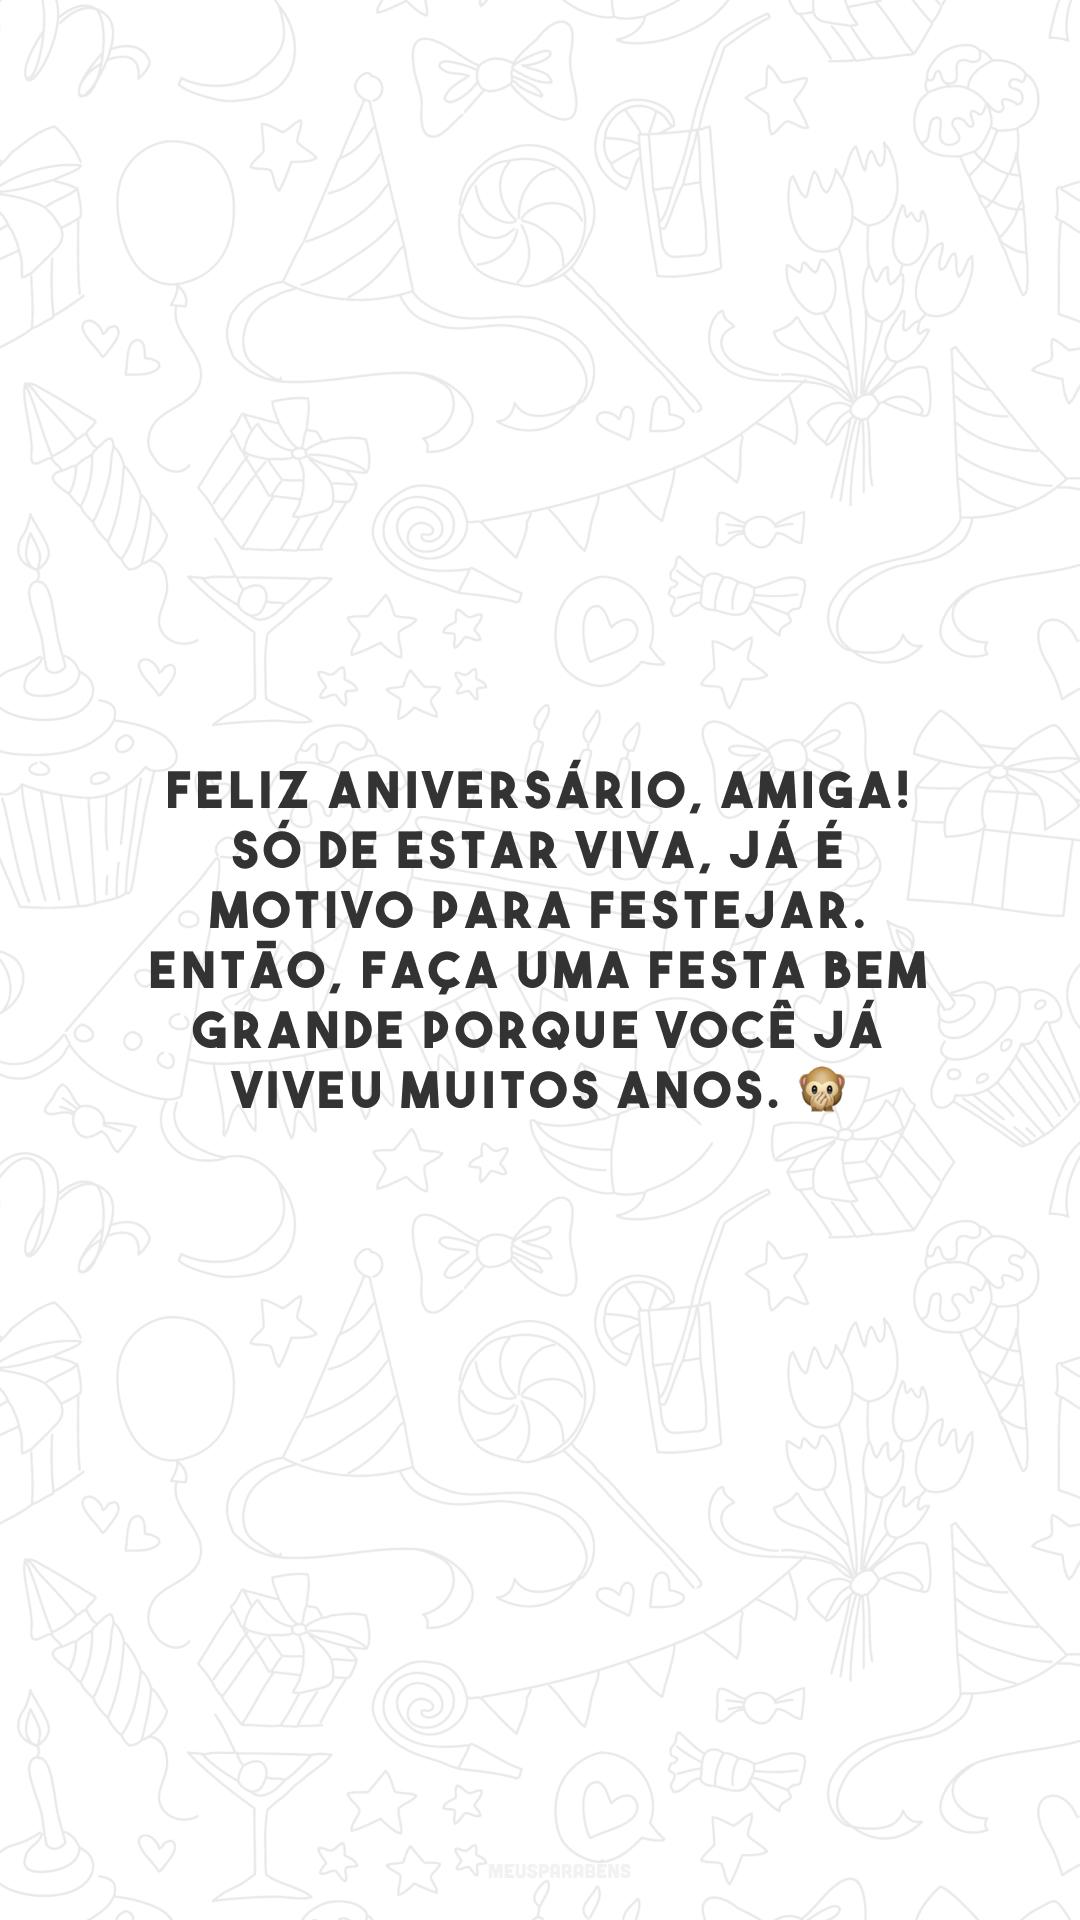 Feliz aniversário, amiga! Só de estar viva, já é motivo para festejar. Então, faça uma festa bem grande porque você já viveu muitos anos. 🙊